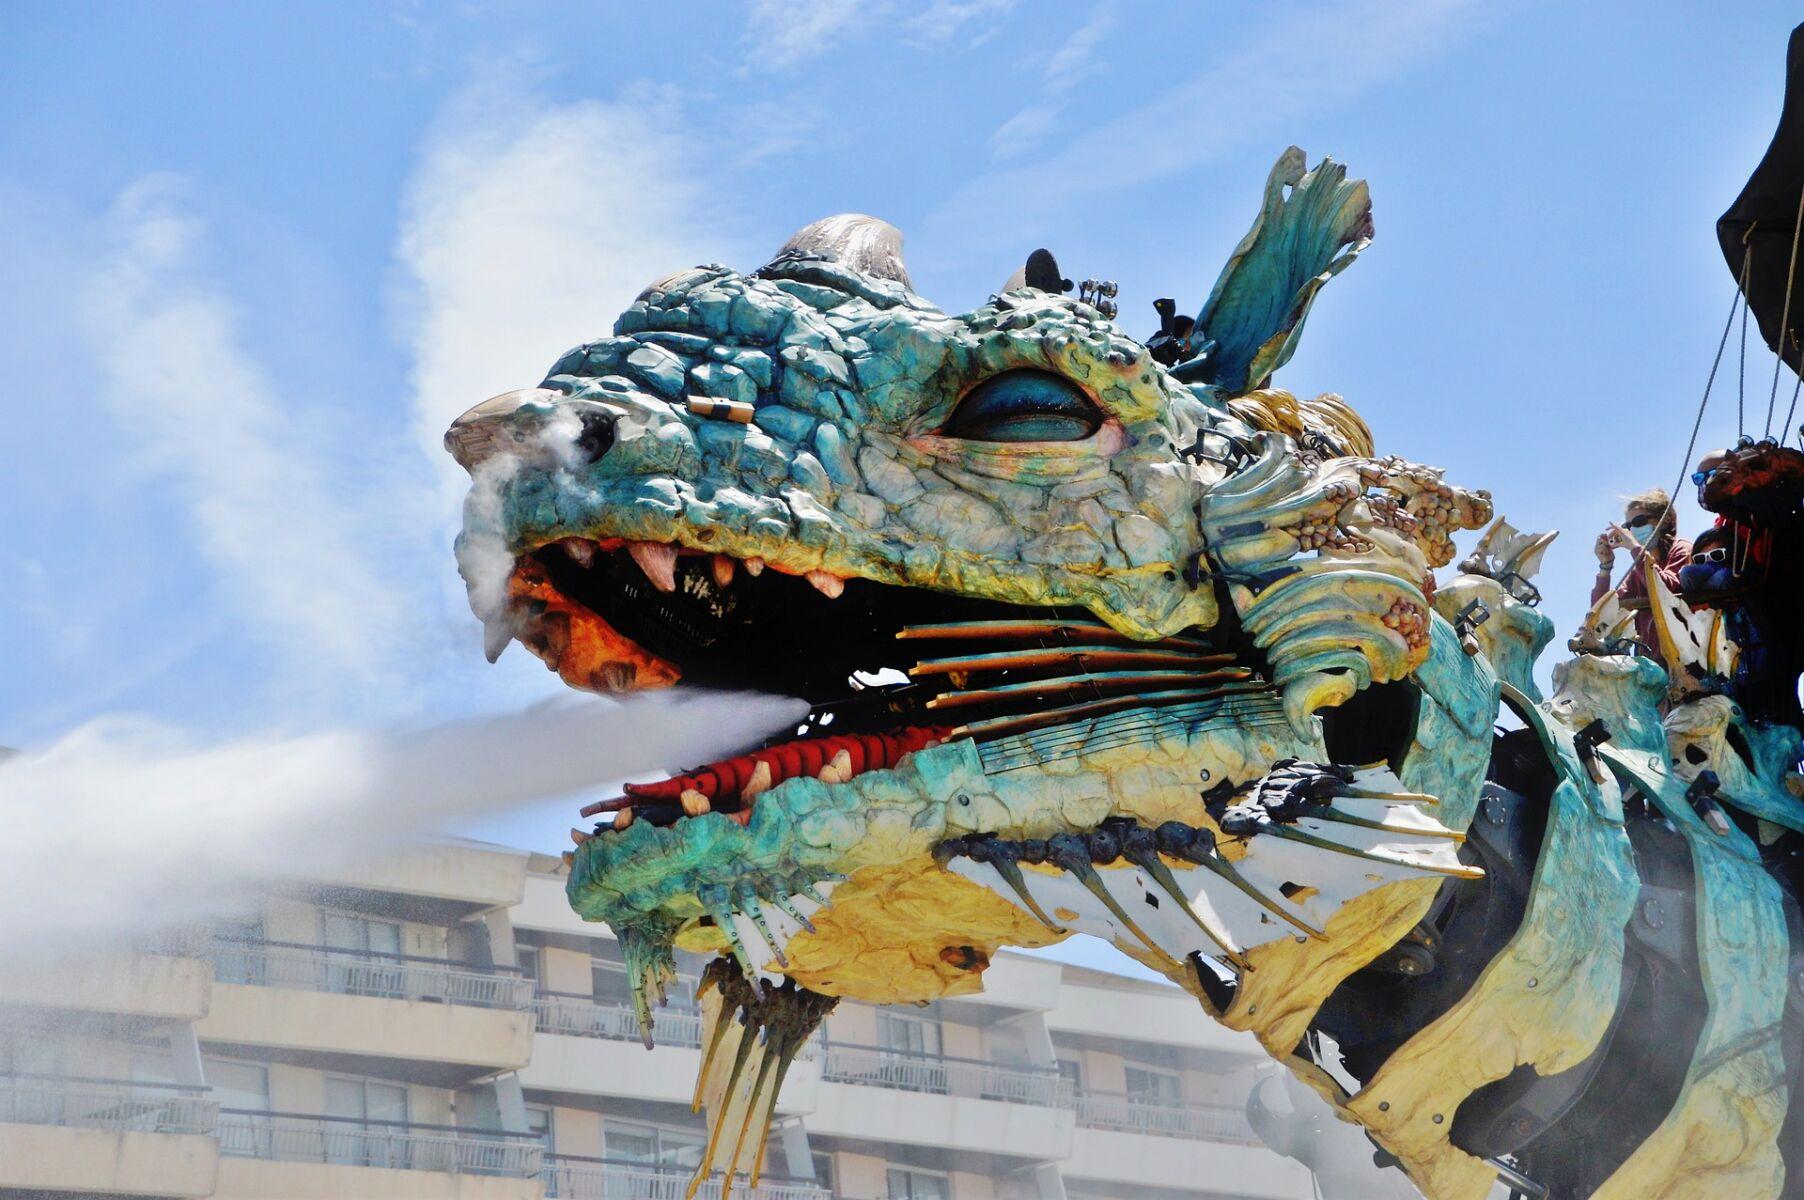 Dragon de Calais offrant les promenades